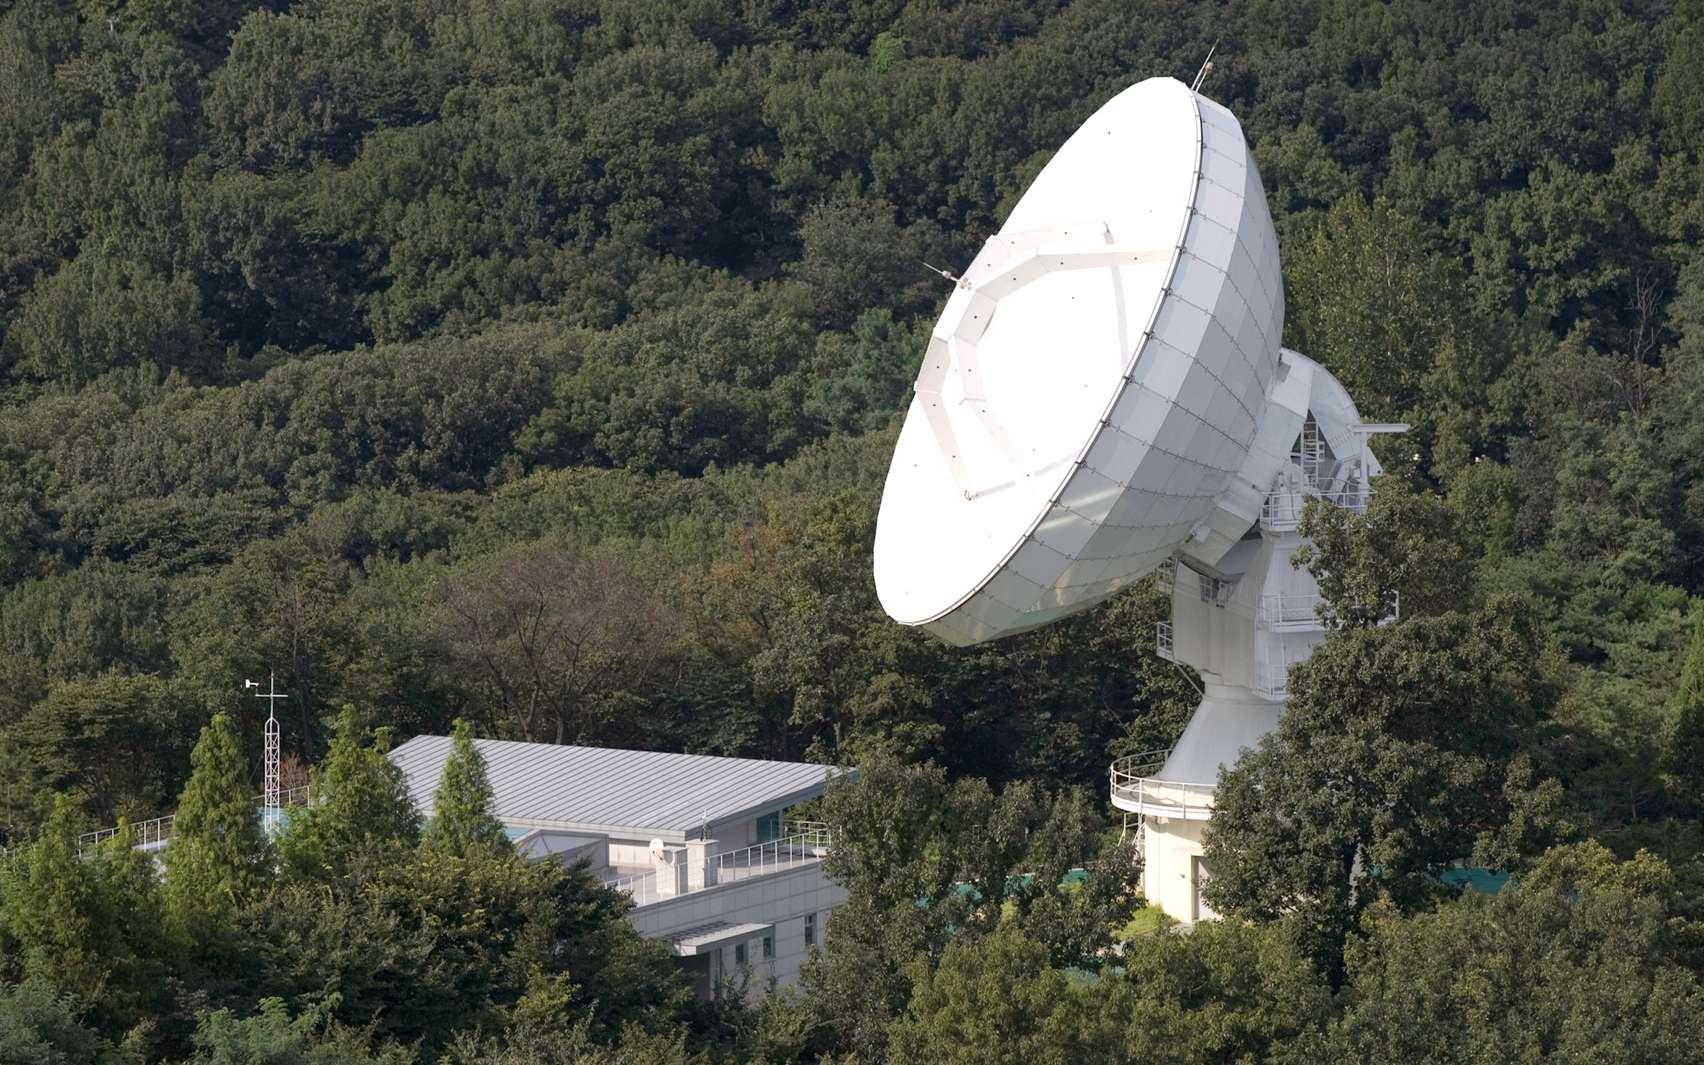 Le radiotélescope coréen de Séoul, à l'université de Yonsei, est l'un des quatre instruments utilisés pour former le radiotelescope virtuel de 8.000 kilomètres du projet Australia-Korea linkup. © Korean Astronomy and Space Science Institute